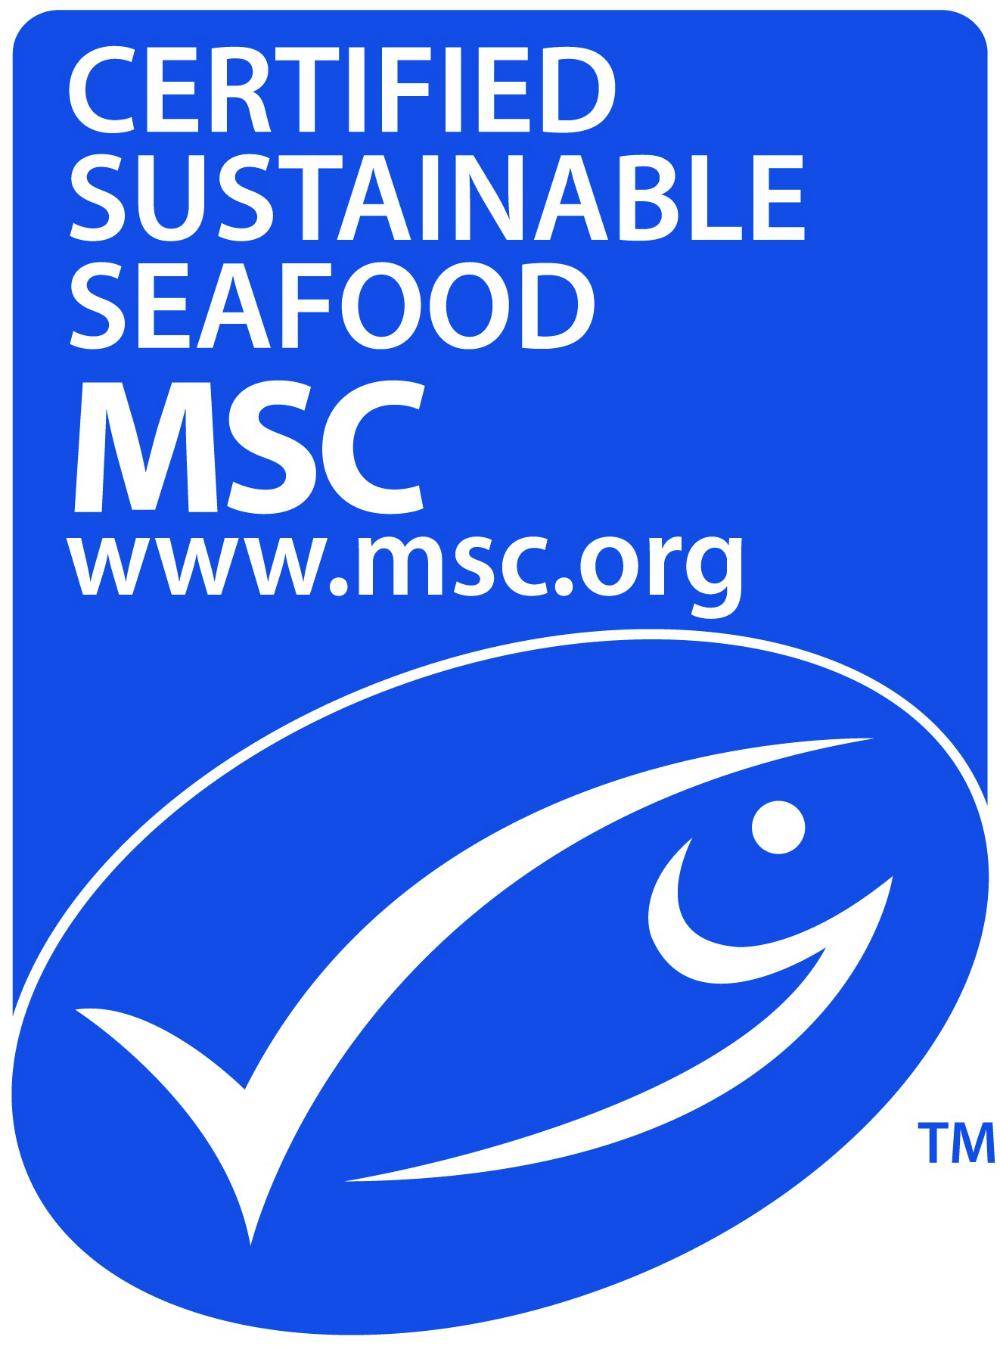 MSC Seafood